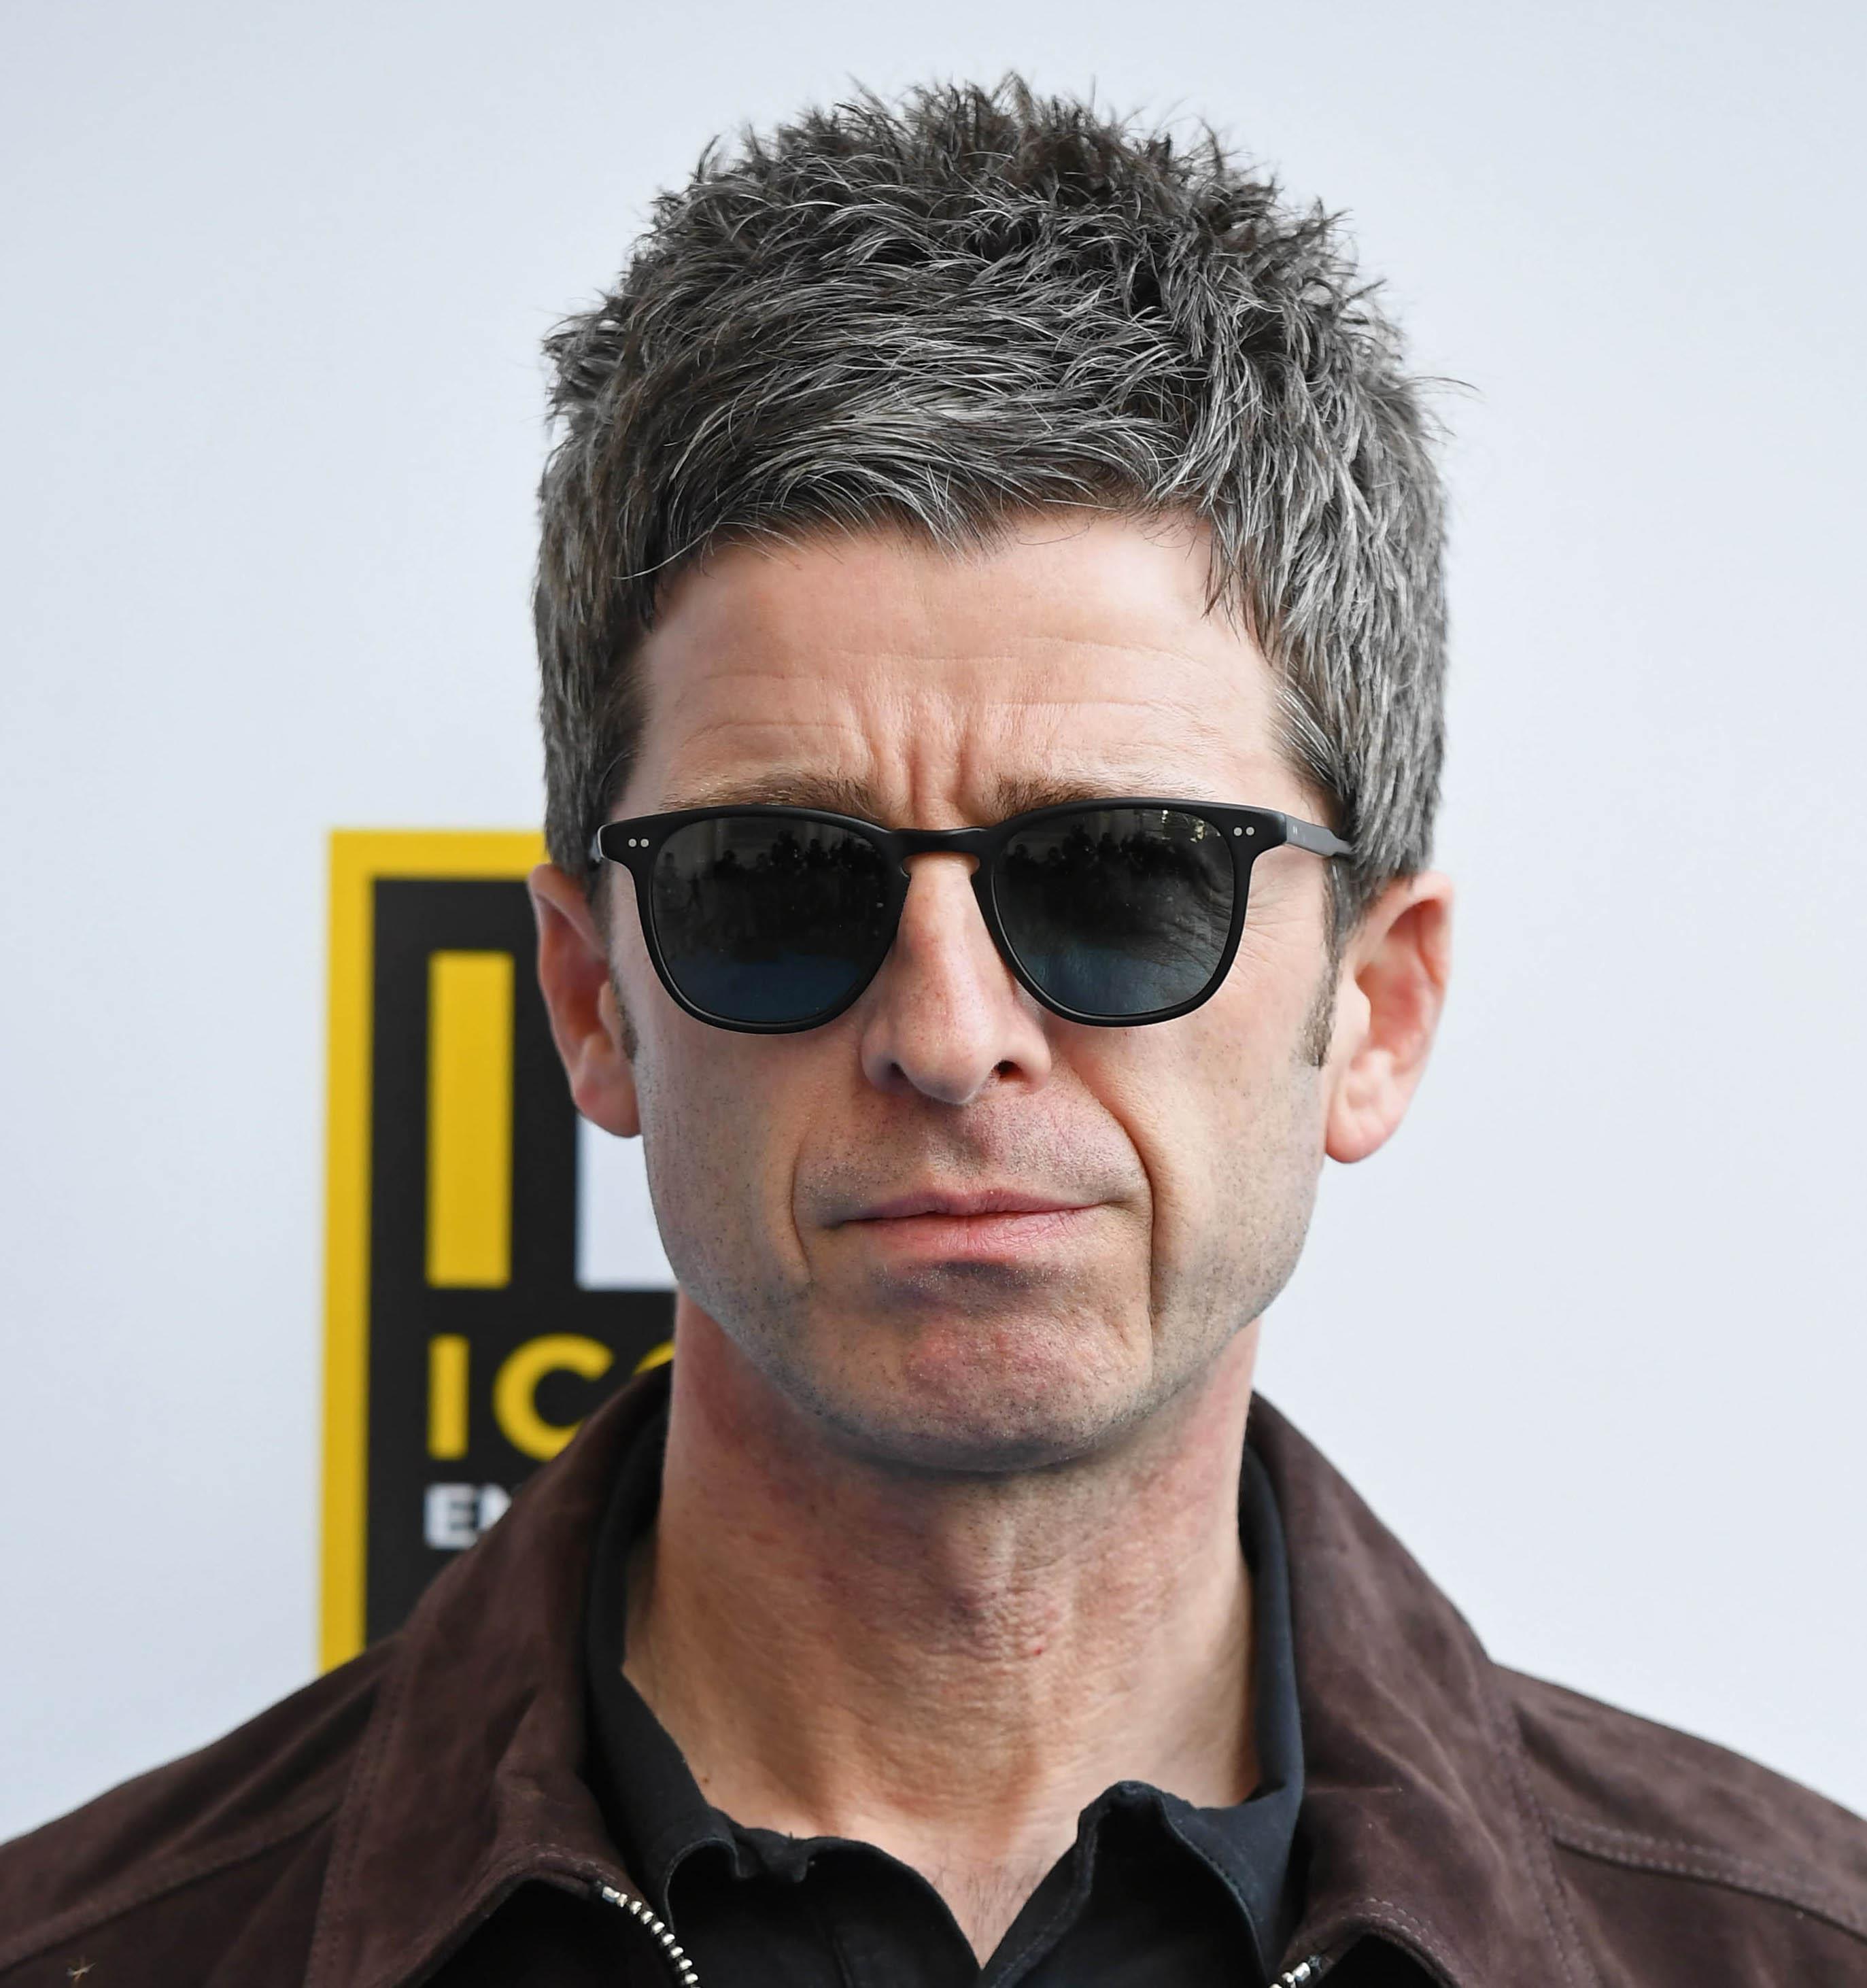 Noel Gallagher Oasis Wiki Fandom Powered By Wikia